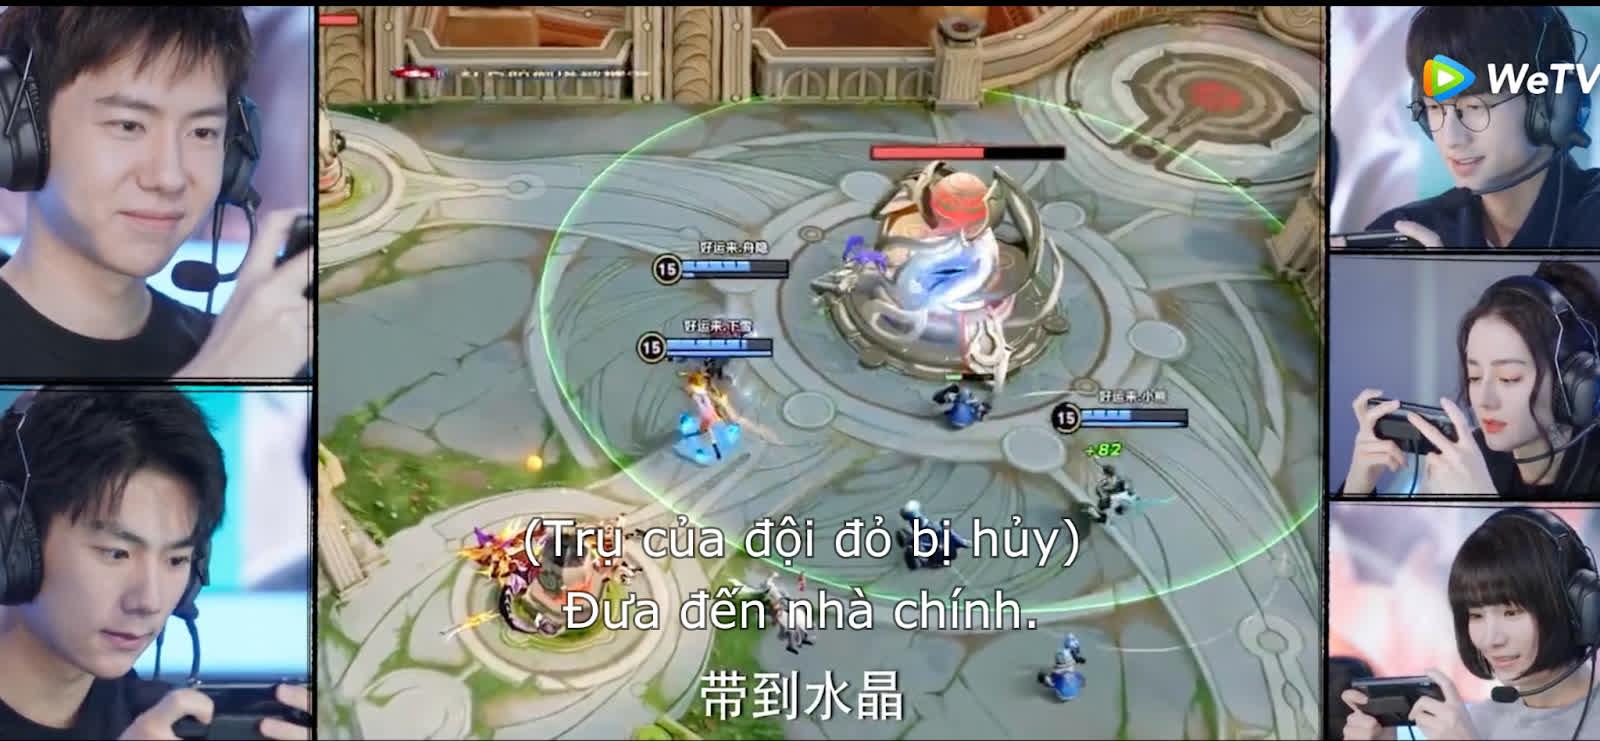 Nhiệt Ba - Dương Dương thi đấu game vẫn show ân ái, không để ý bồ cũ xuất hiện ghê rợn ở Em Là Niềm Kiêu Hãnh Của Anh - Ảnh 4.